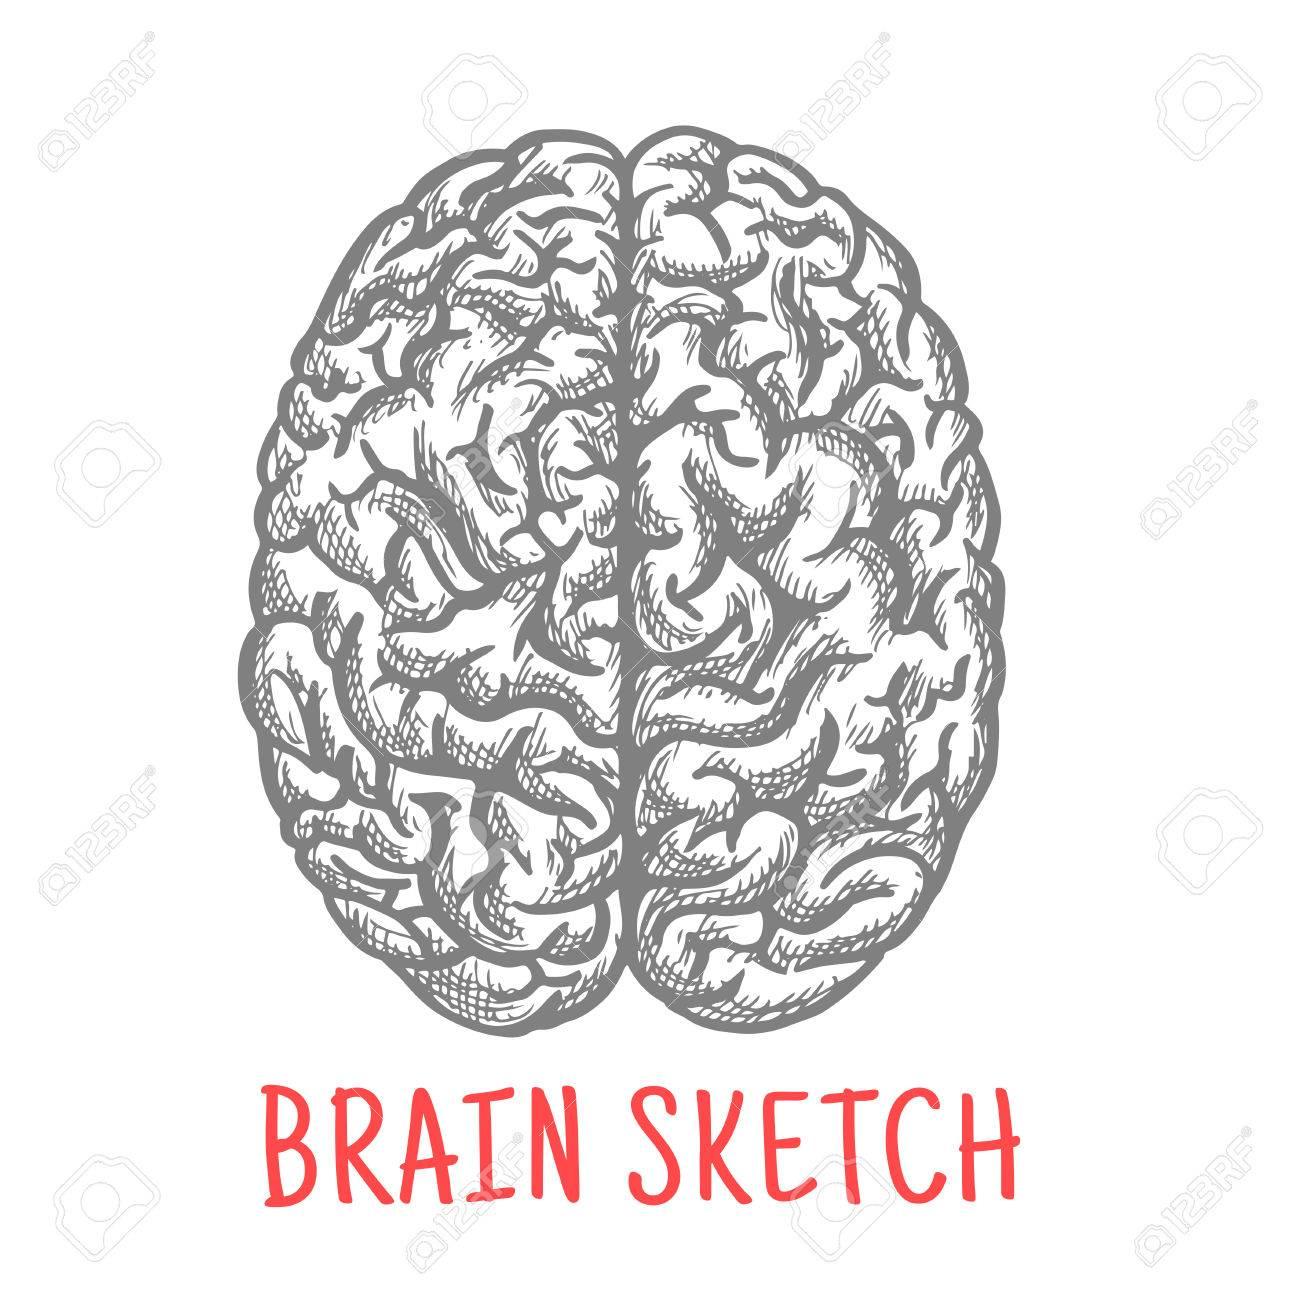 Bosquejo Del Cerebro Humano Para La Medicina, La Anatomía O De ...